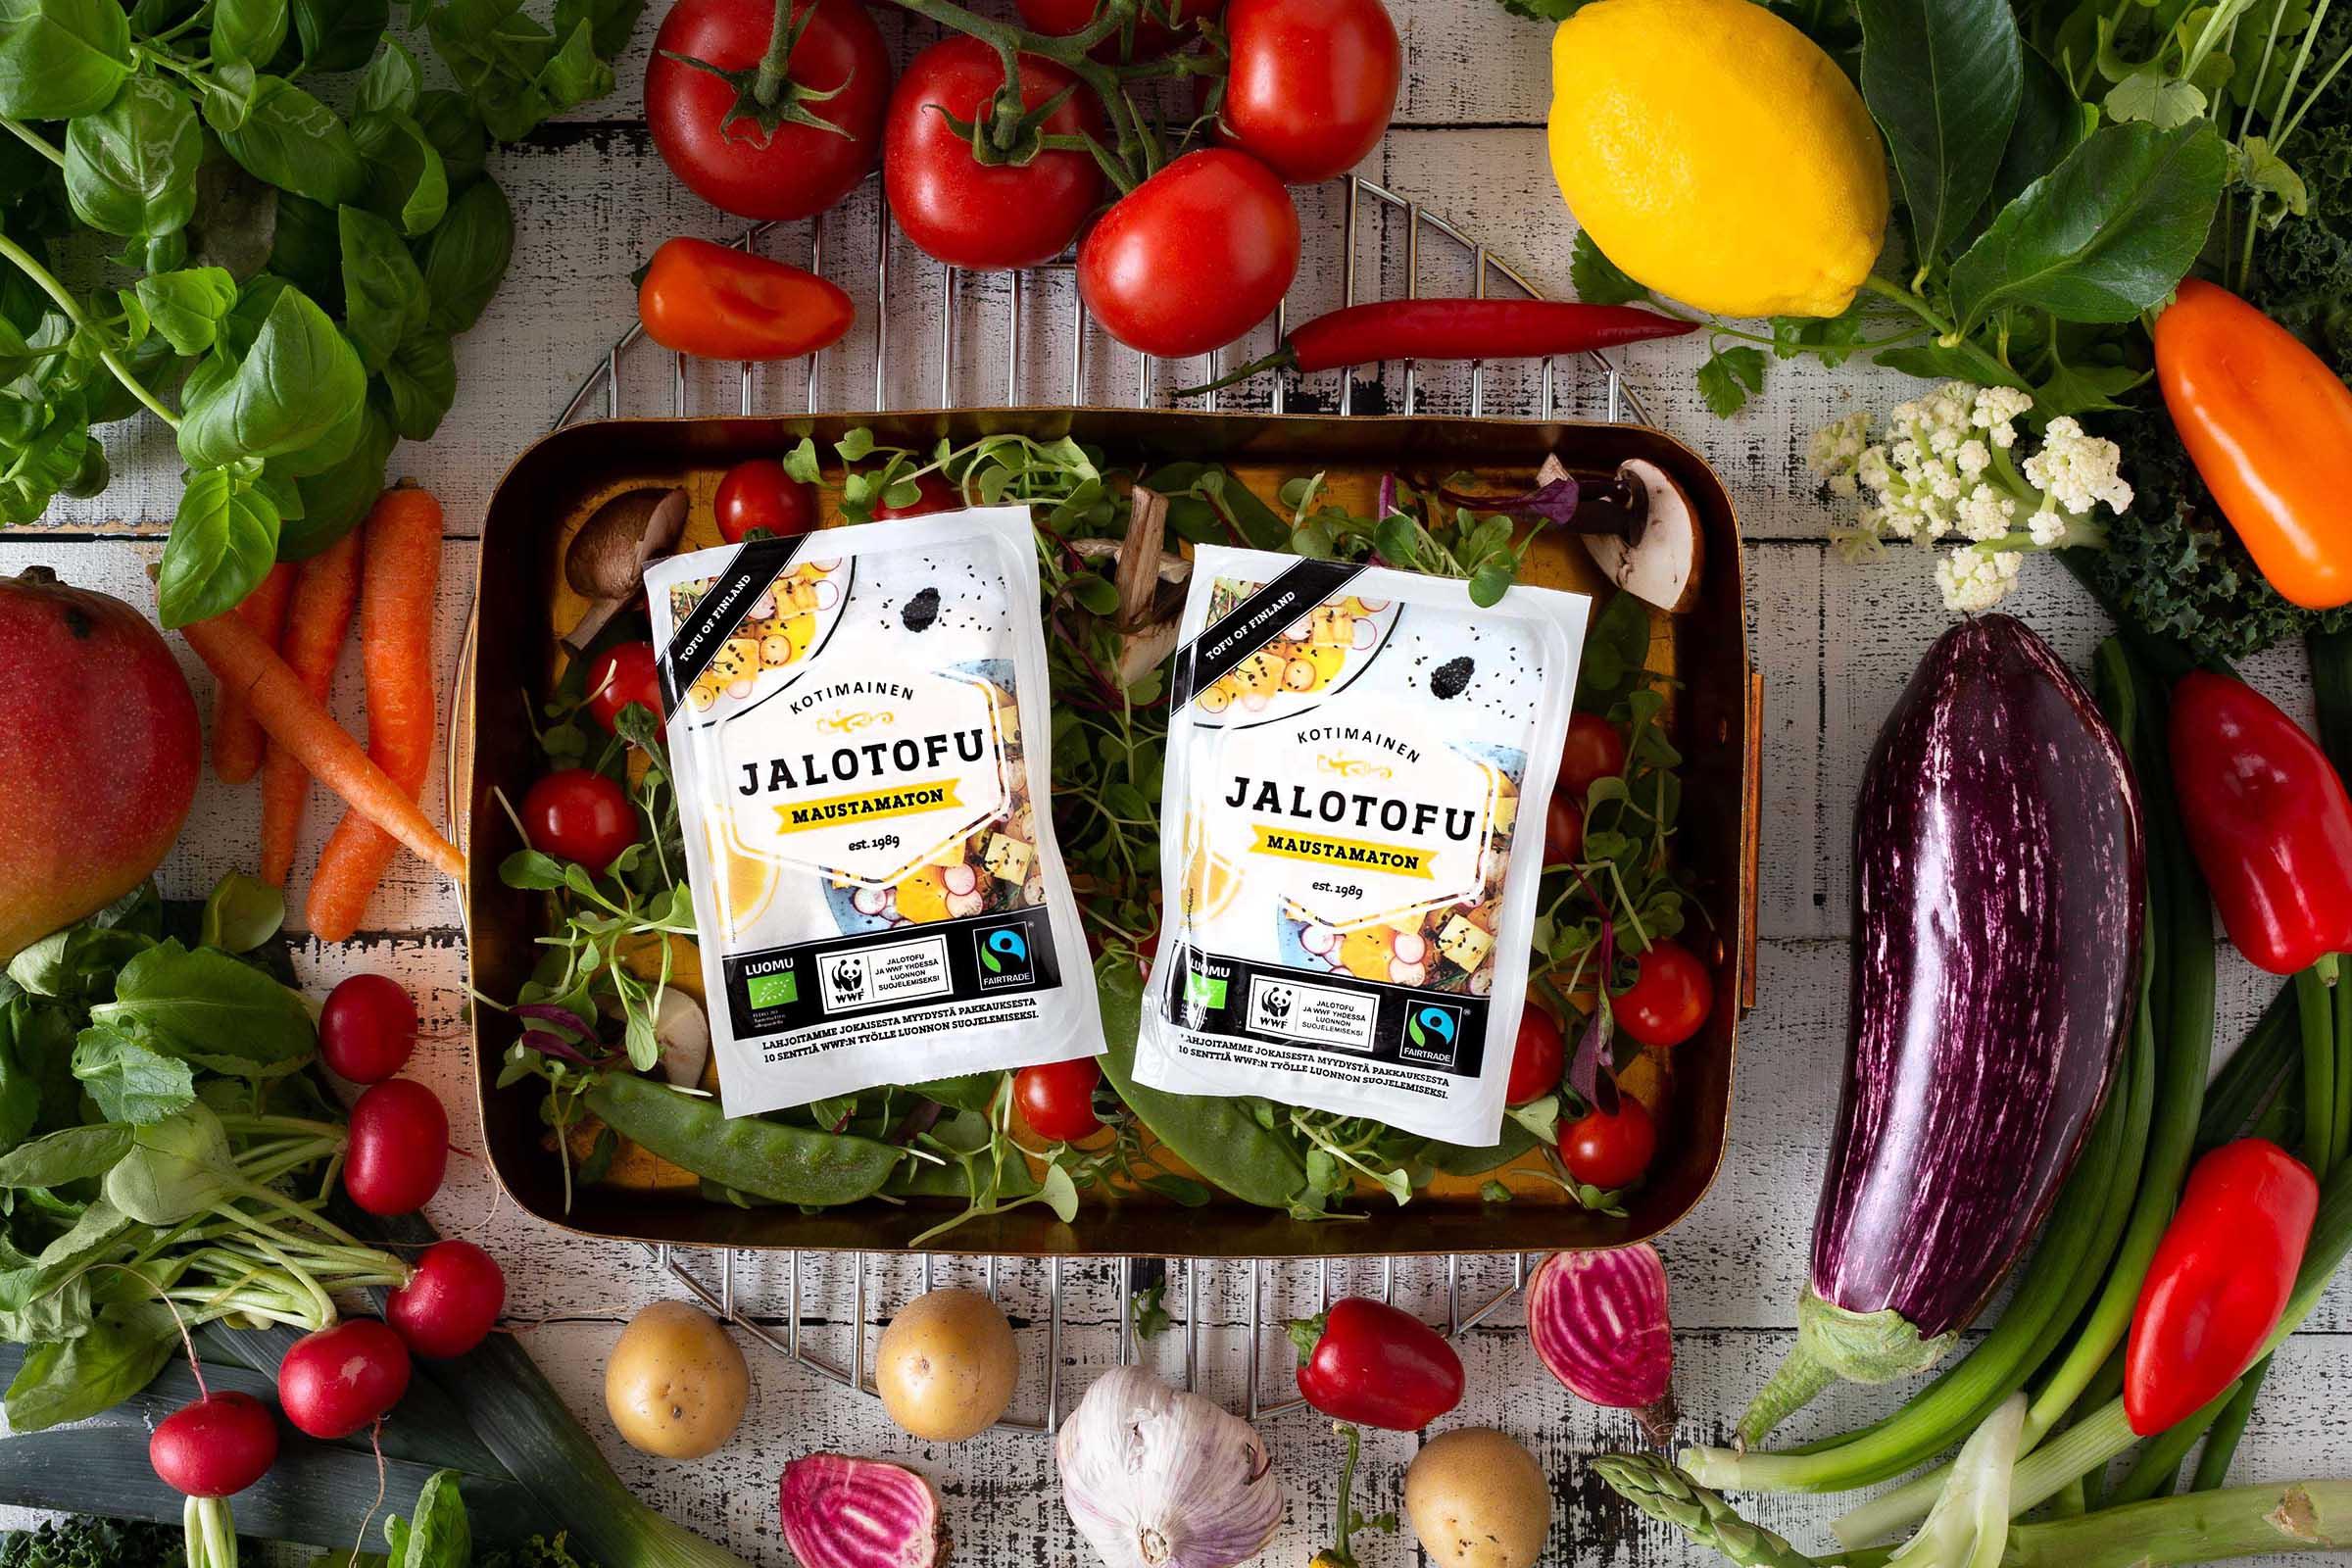 Jalofoods lahjoittaa 10 senttiä jokaisesta myydystä Jalotofu Maustamaton-tuotteesta WWF:n luonnonsuojelutyölle.